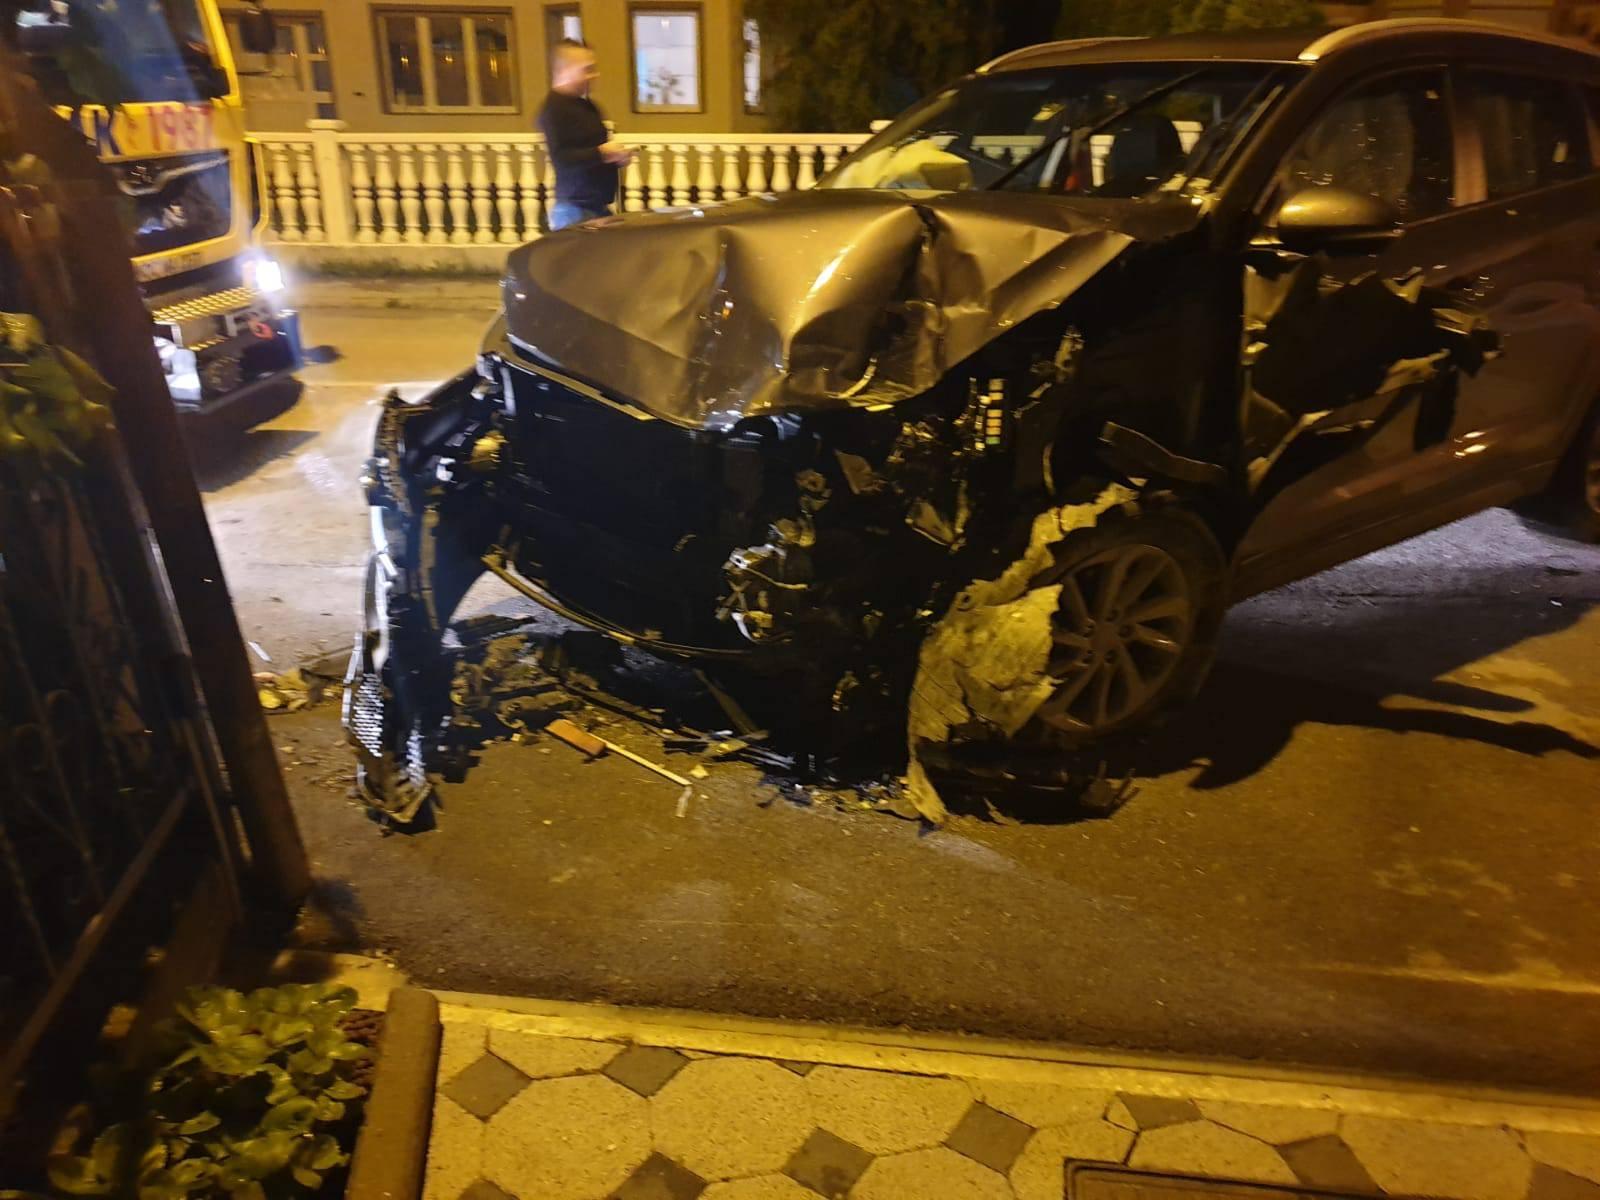 Pijan autom probio zid: 'Bogu hvala da smo postavili ogradu'